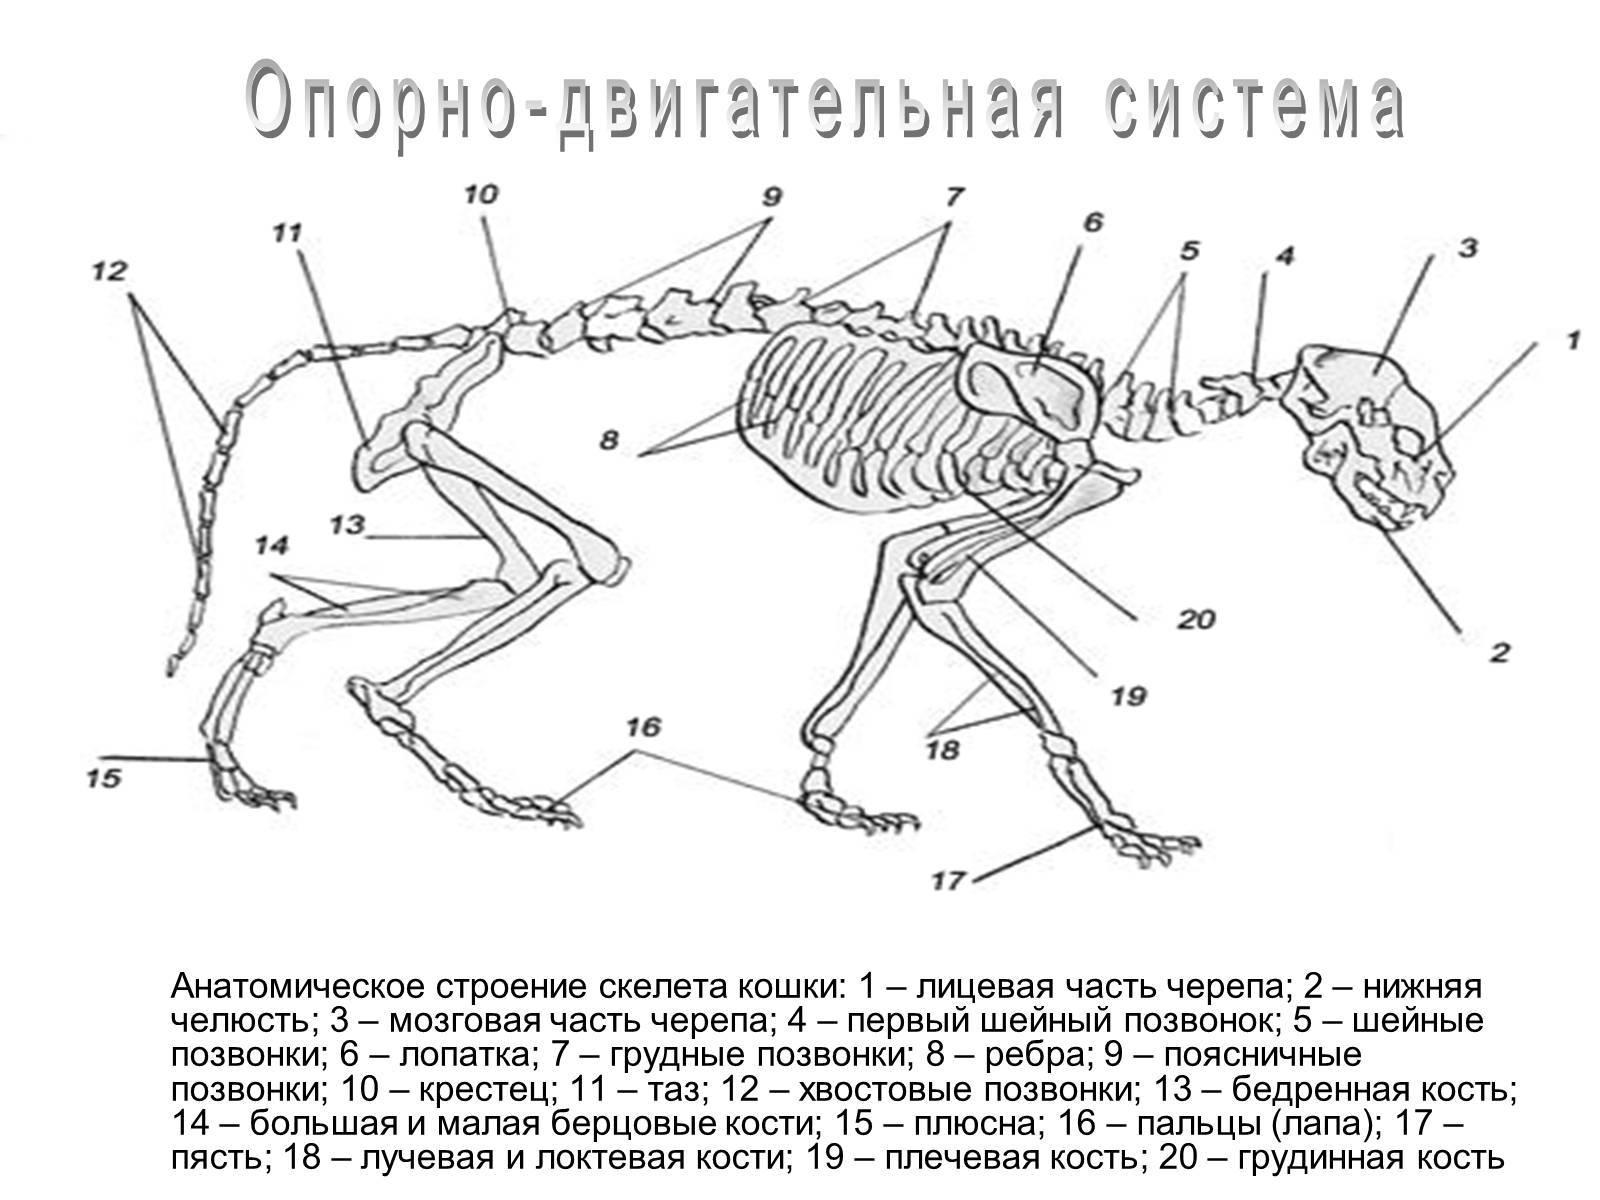 Скелет человека: название, описание костей, фото и видео